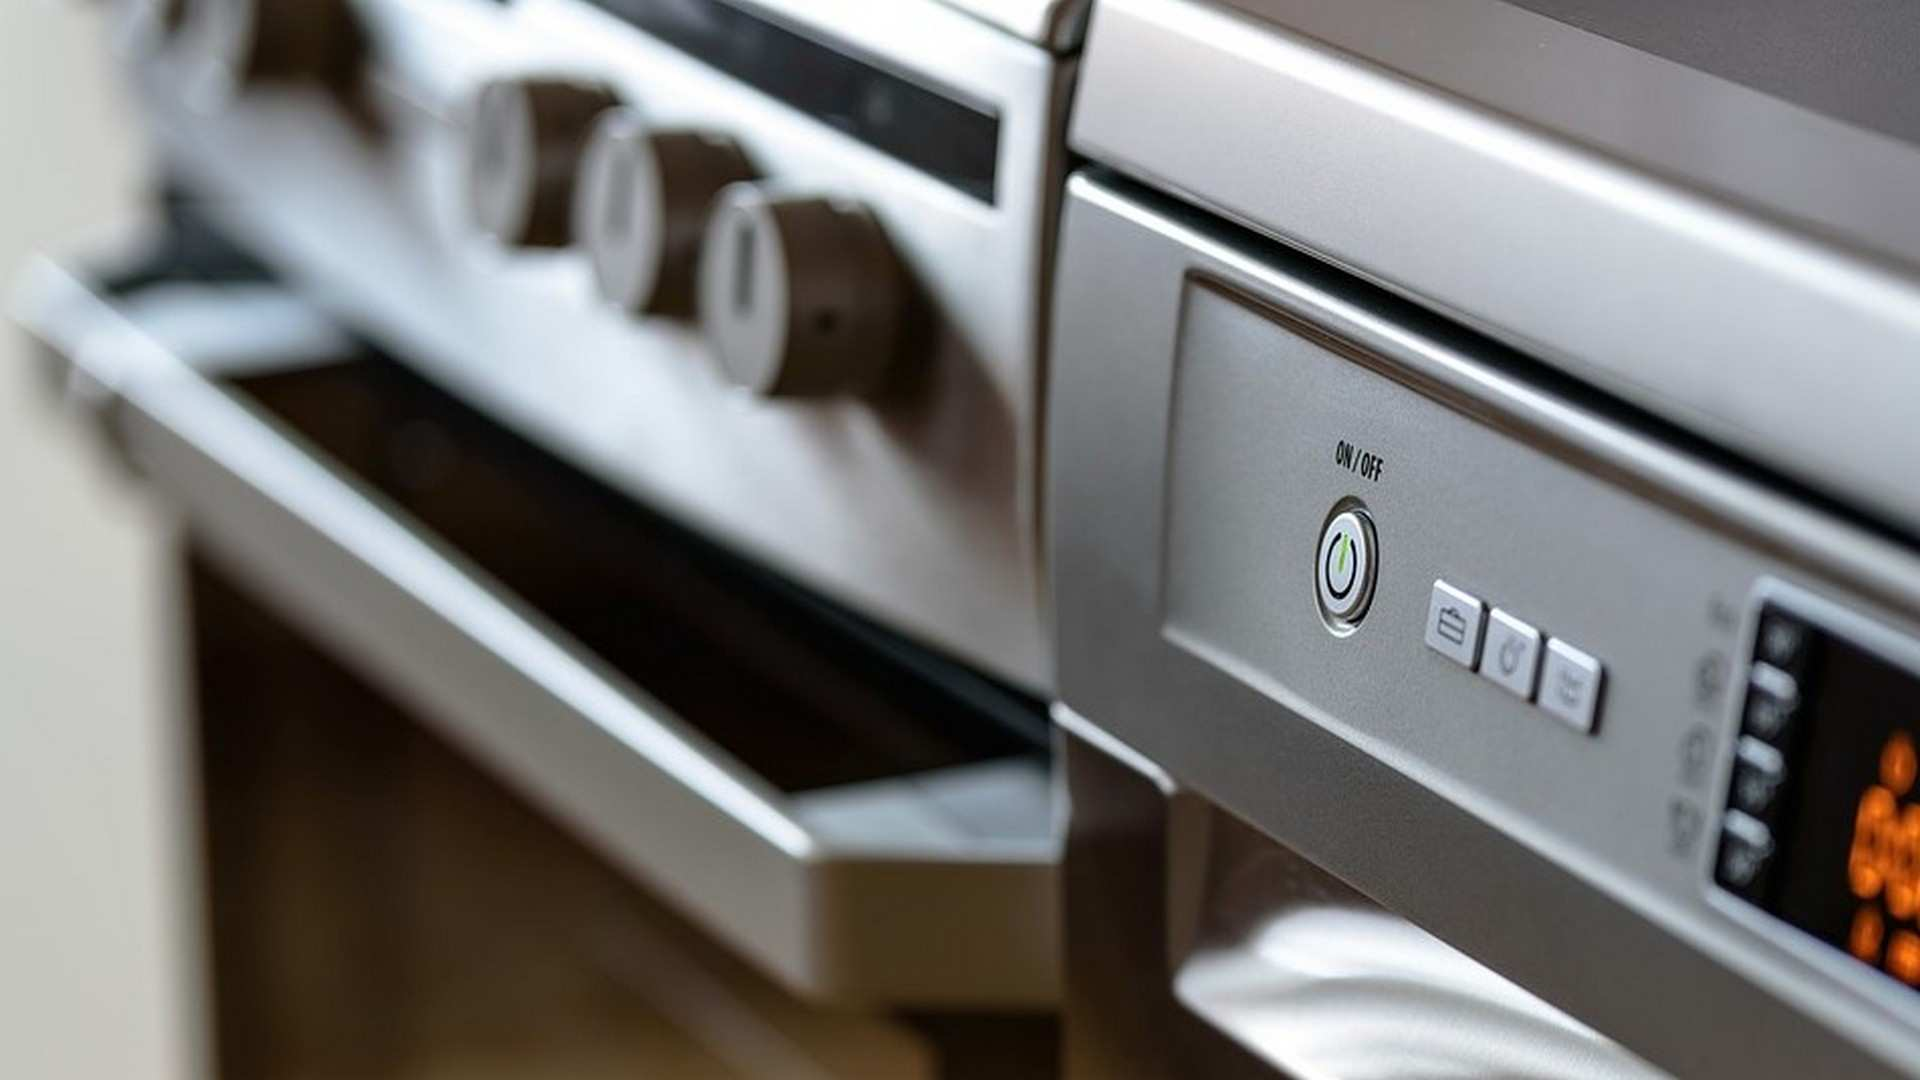 ¿Cómo limpiar el horno de casa sin programa de autolimpieza?